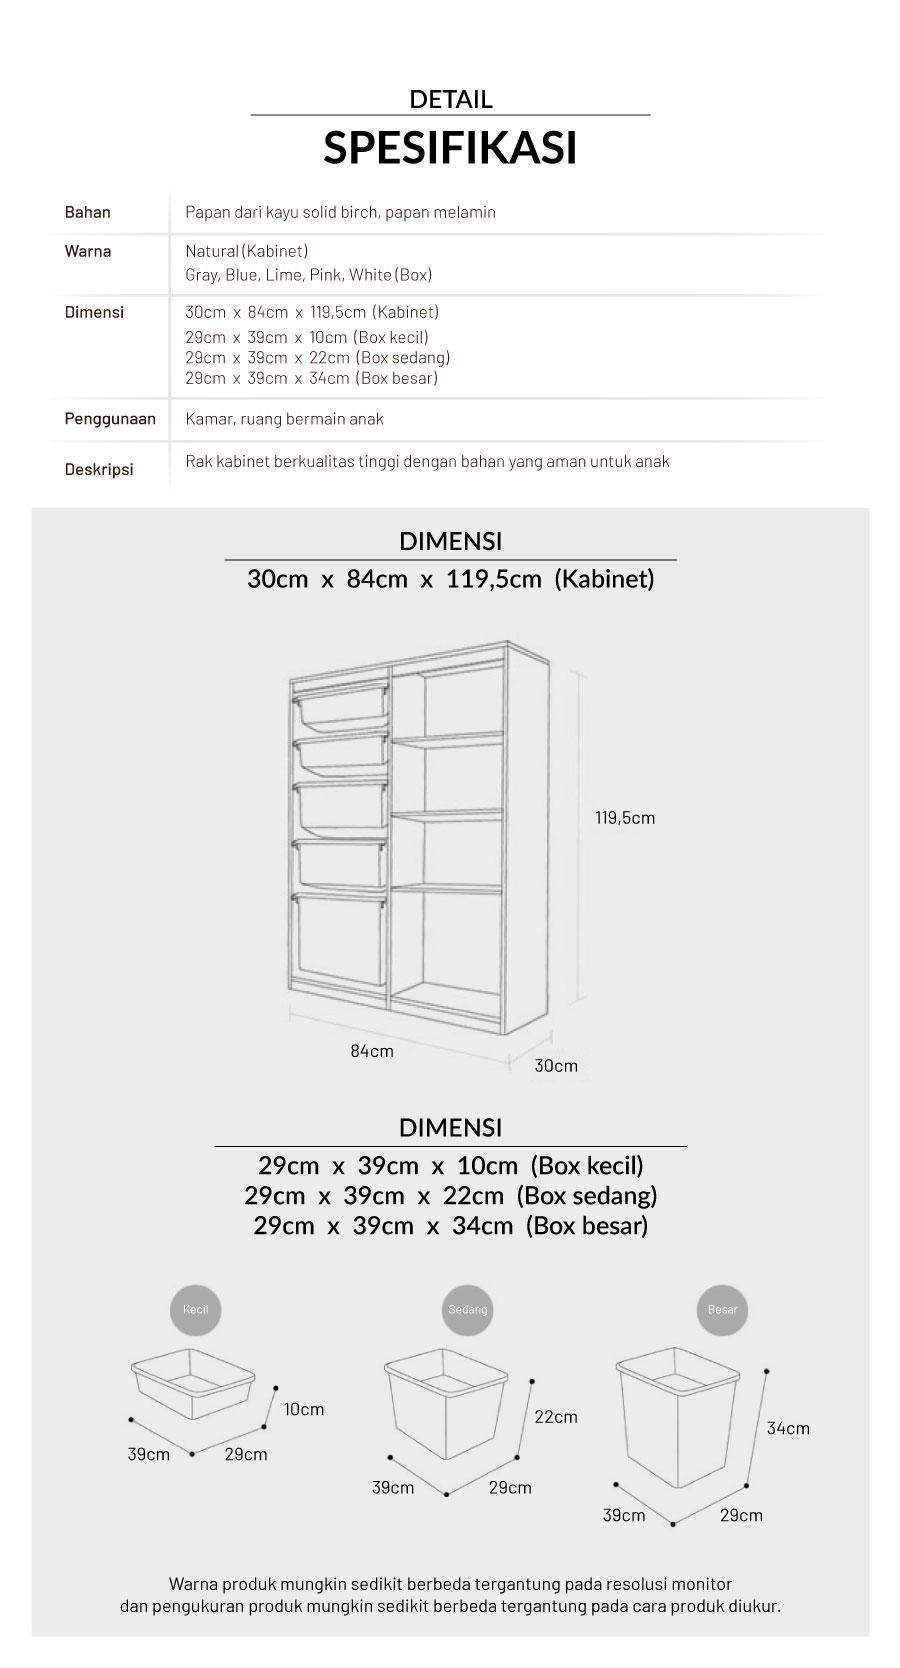 noble_shelf_right_information.jpg